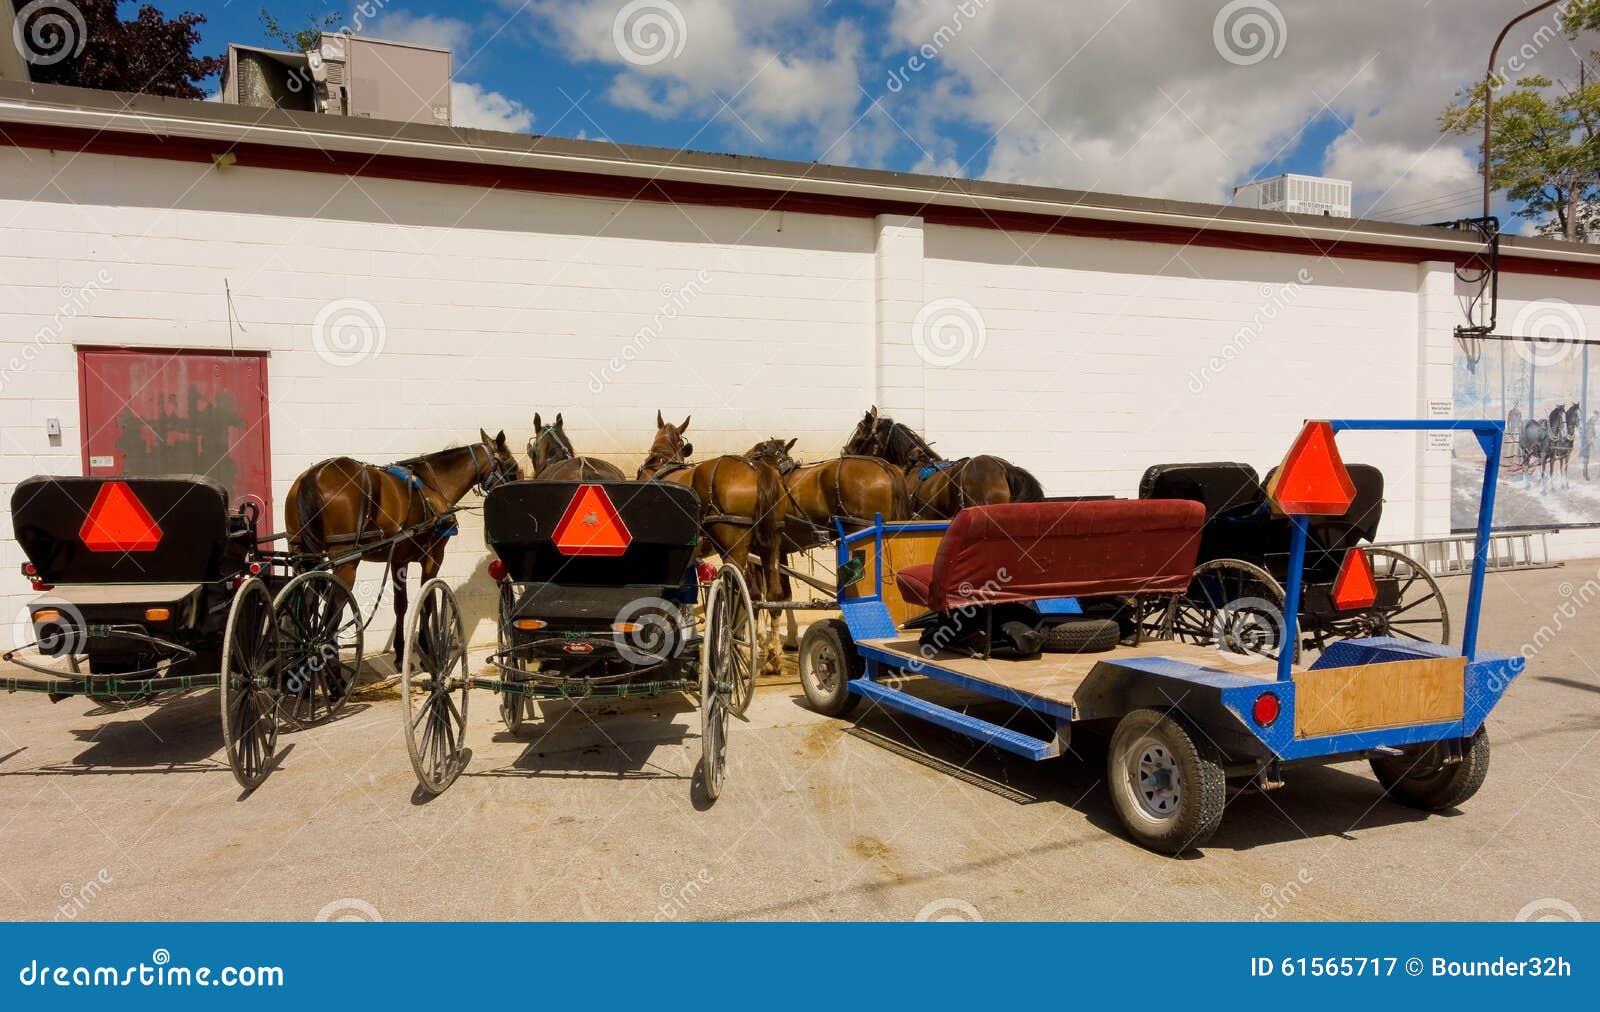 Vorgespannte Pferde benutzt, um amische Lastwagen zu ziehen